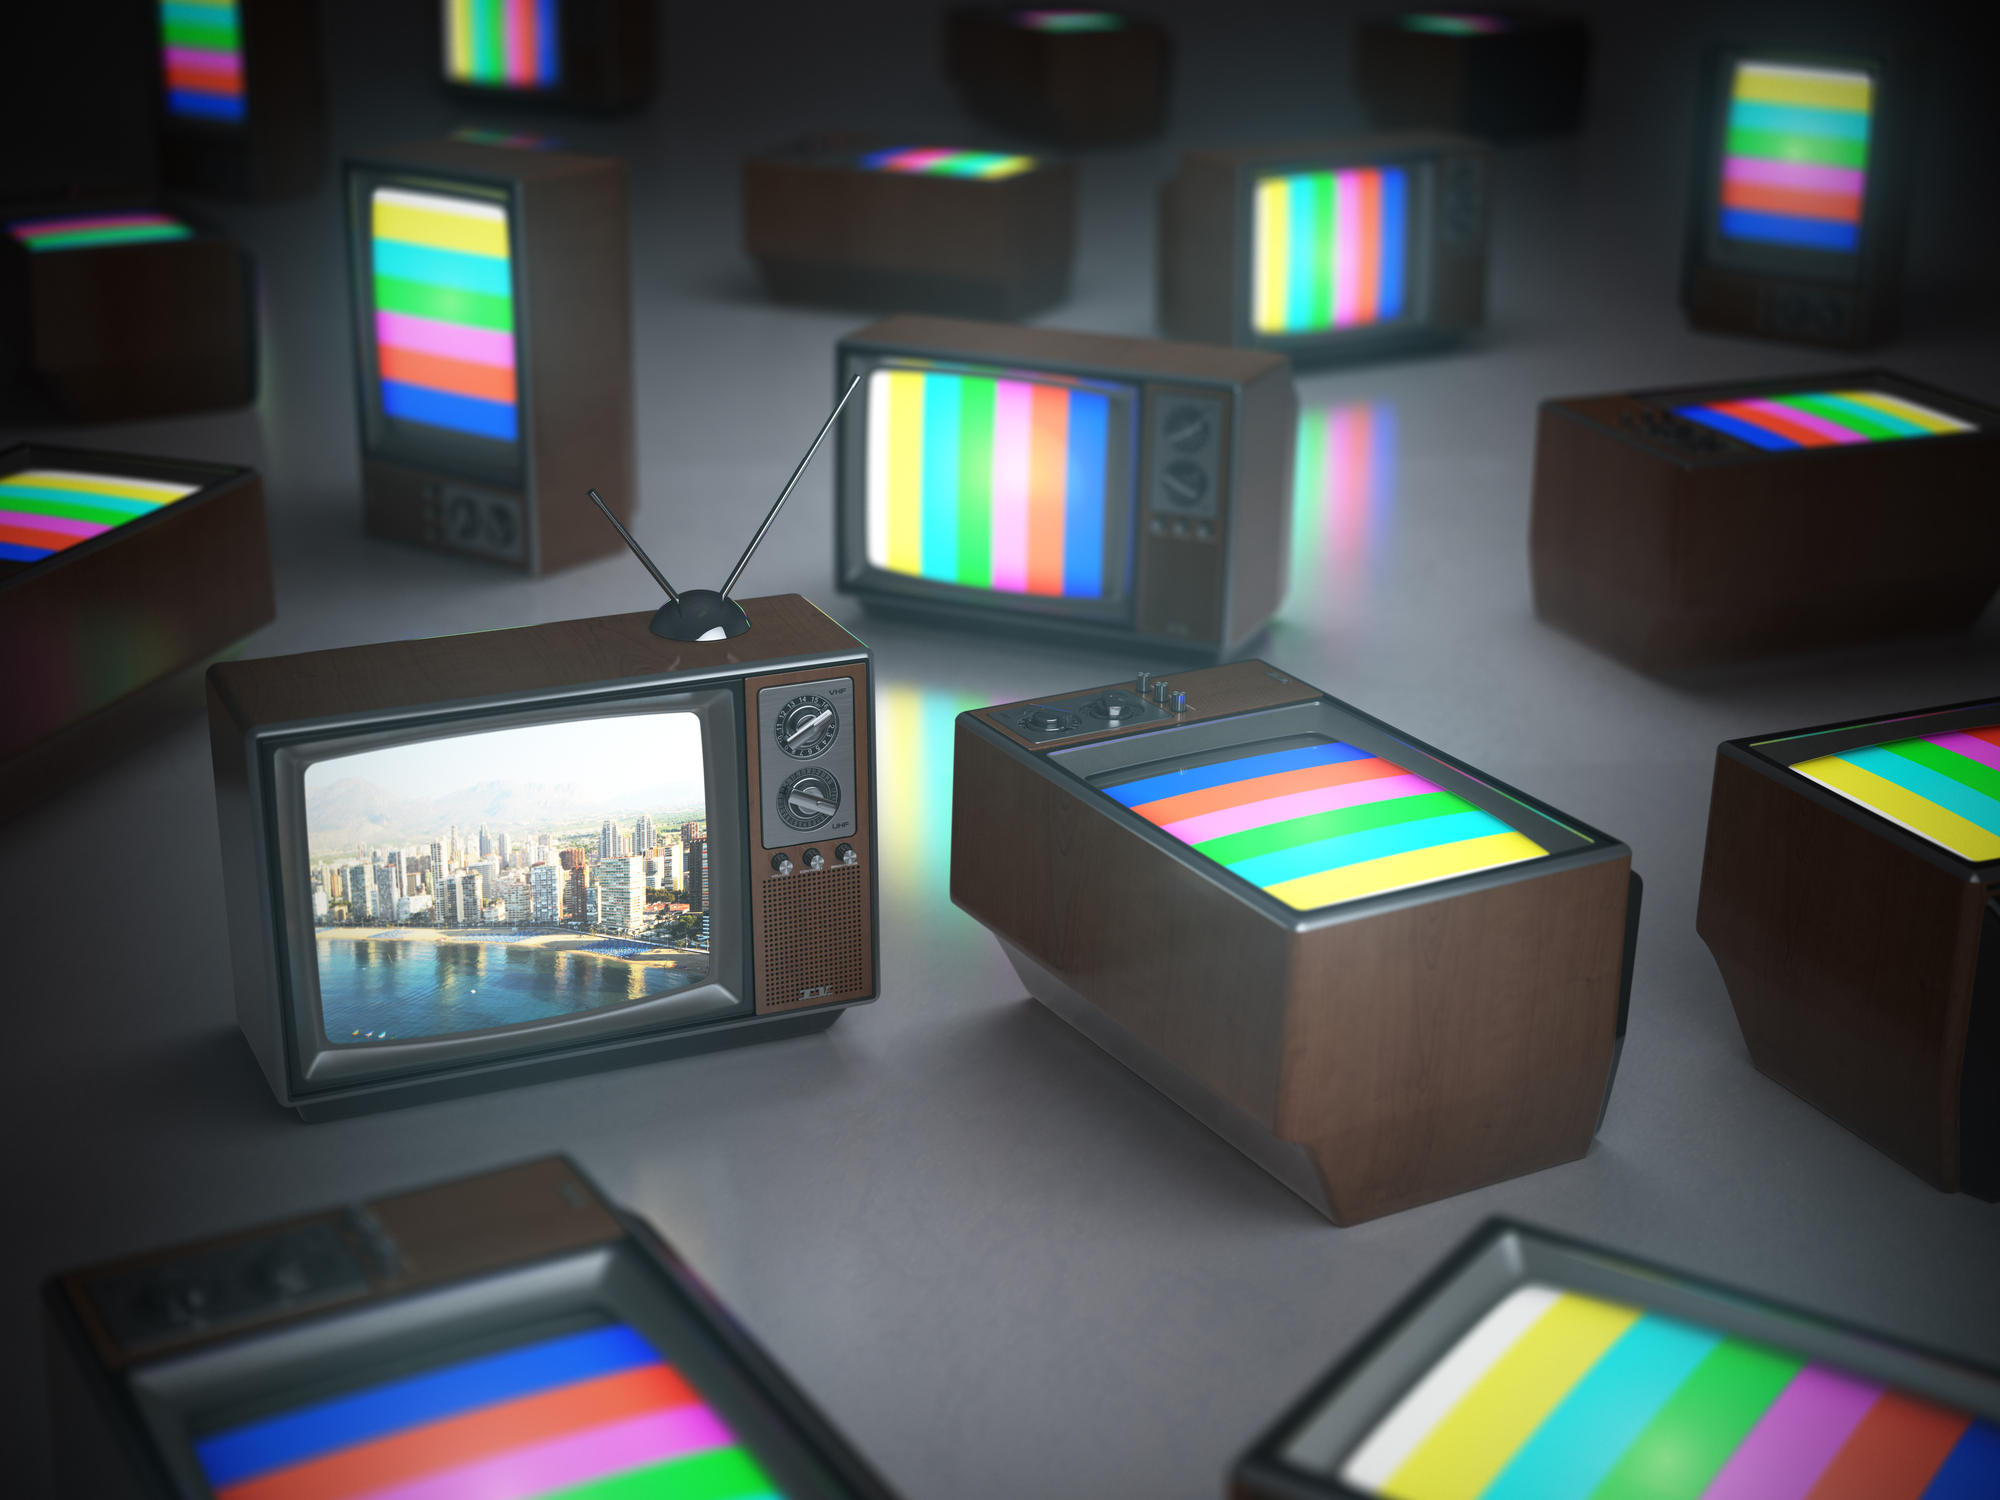 Téléviseur redevance TV télévision